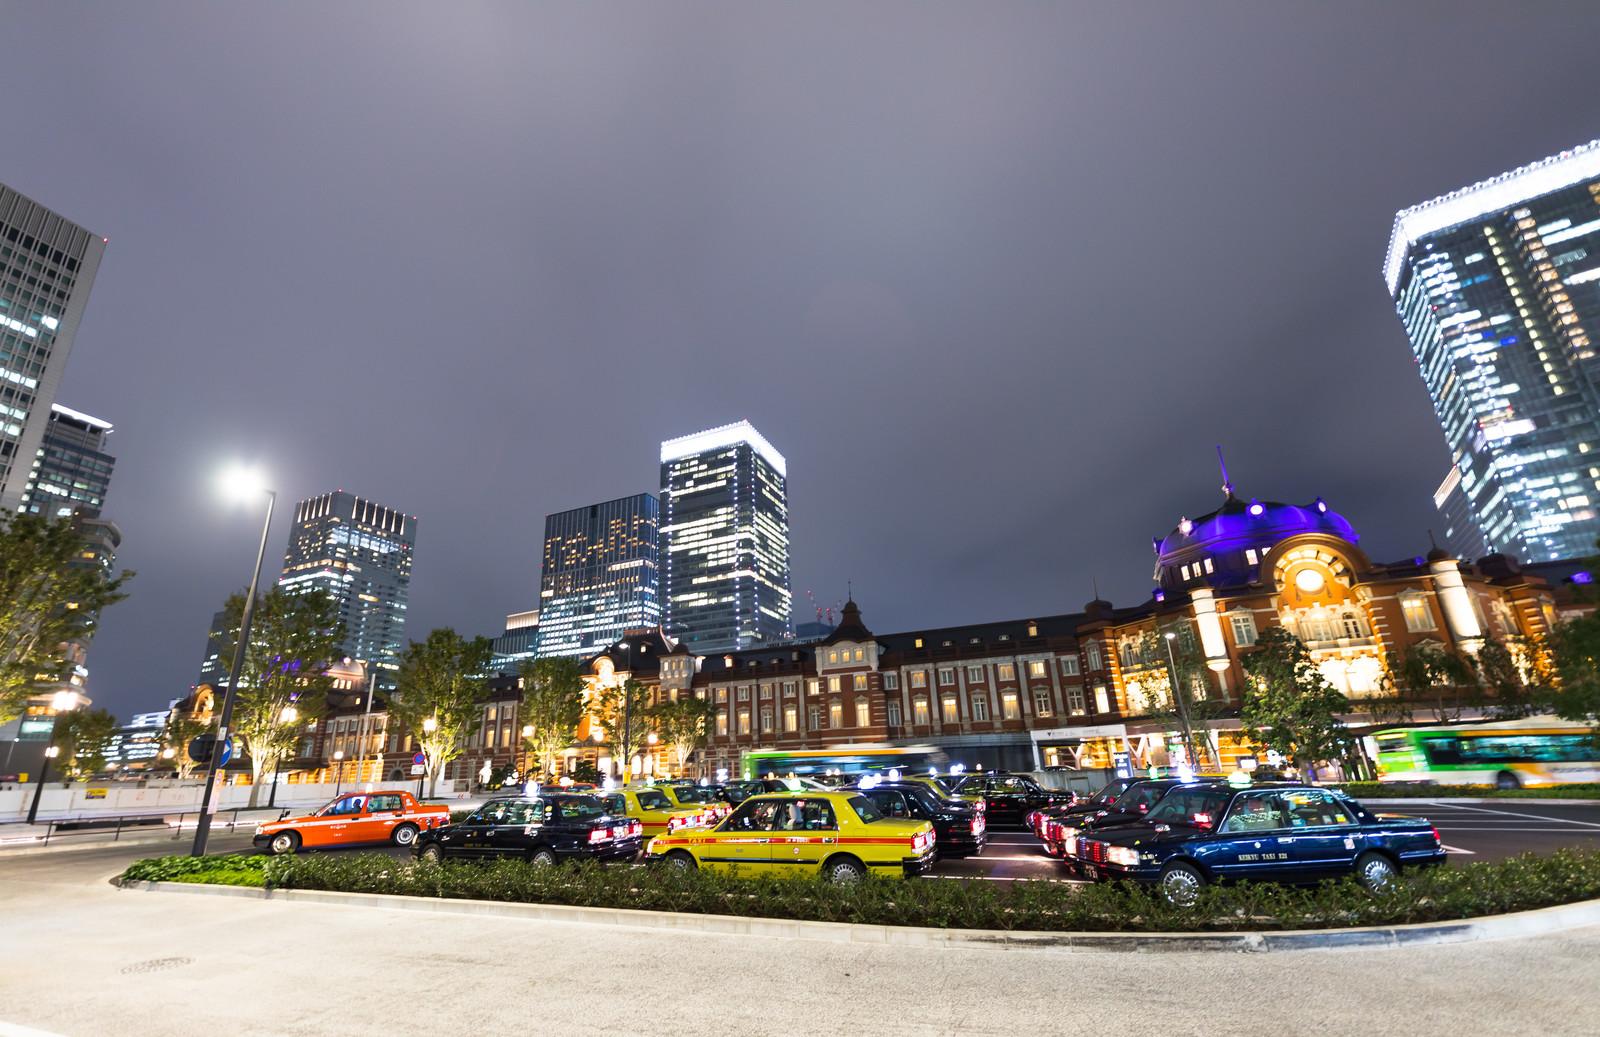 東京無線の配車アプリで好きな時に好きな場所にタクシーが呼べる!